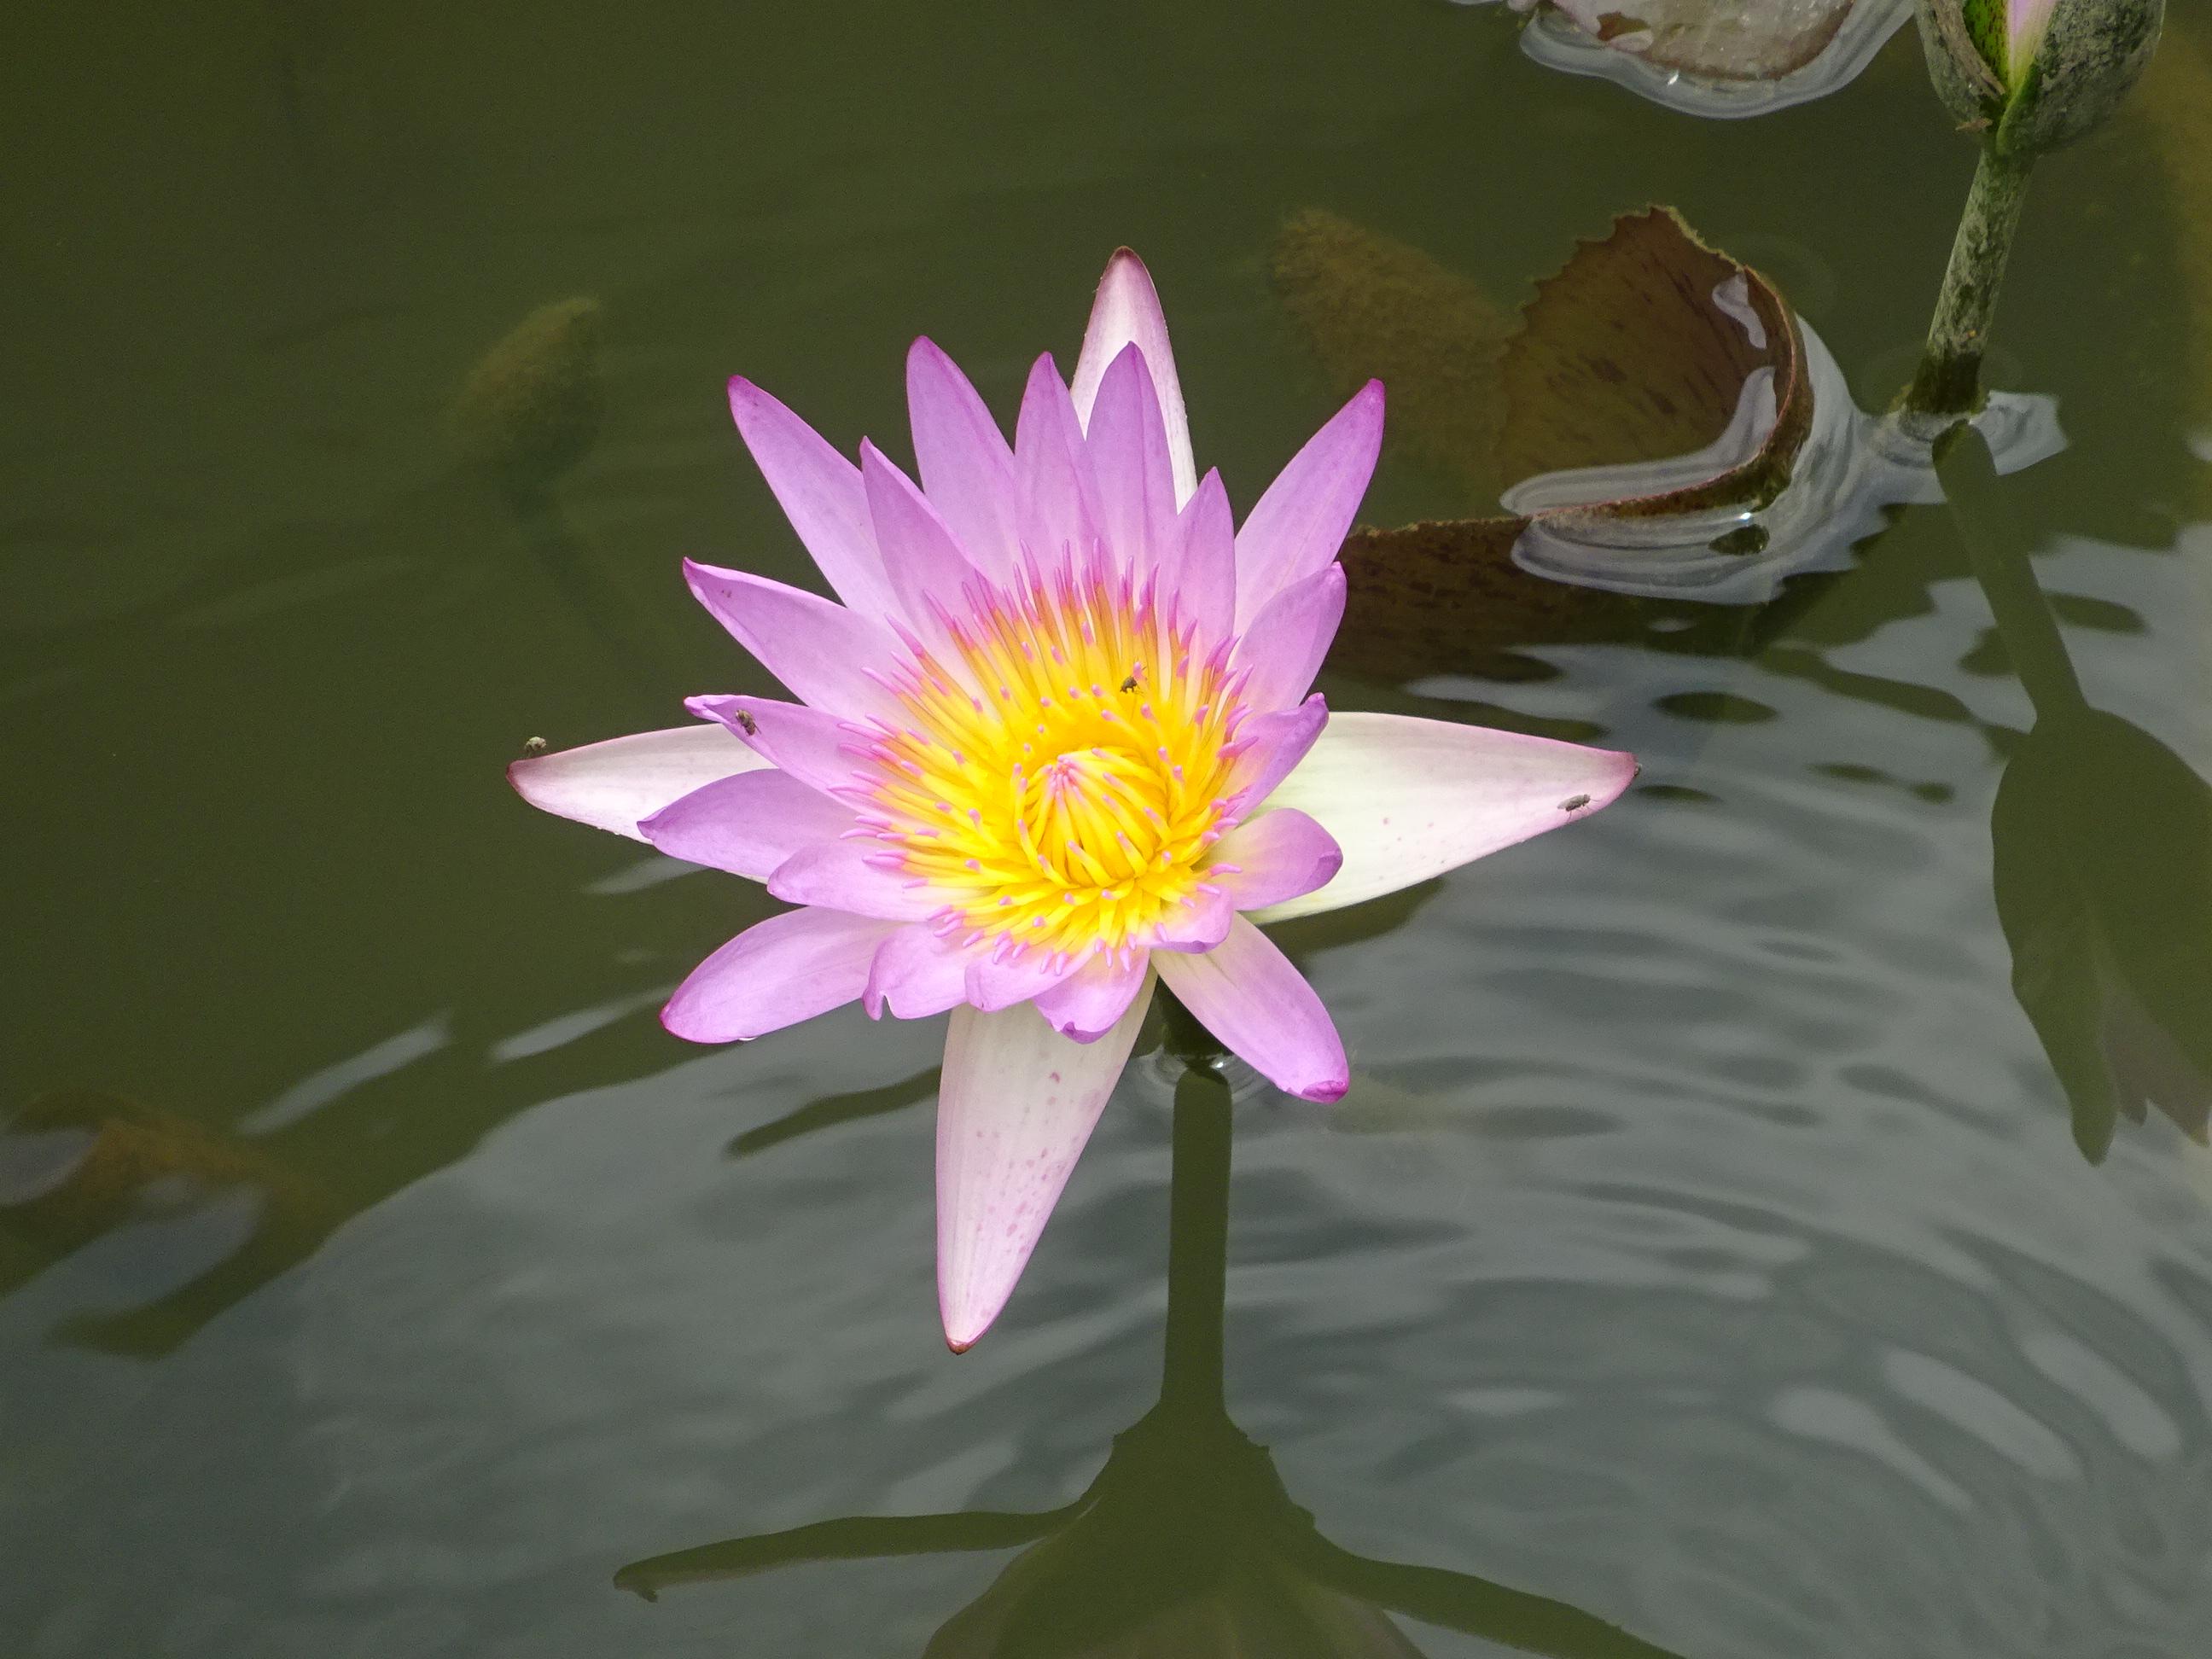 シンガポール植物園(ボタニック ガーデンズ)のスイレンのお花